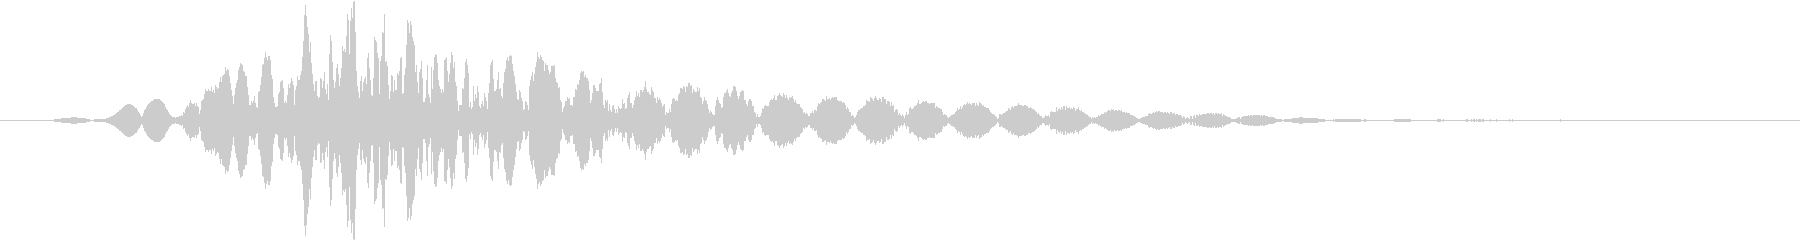 KAKUGE 格闘ゲーム戦闘音 65の未再生の波形